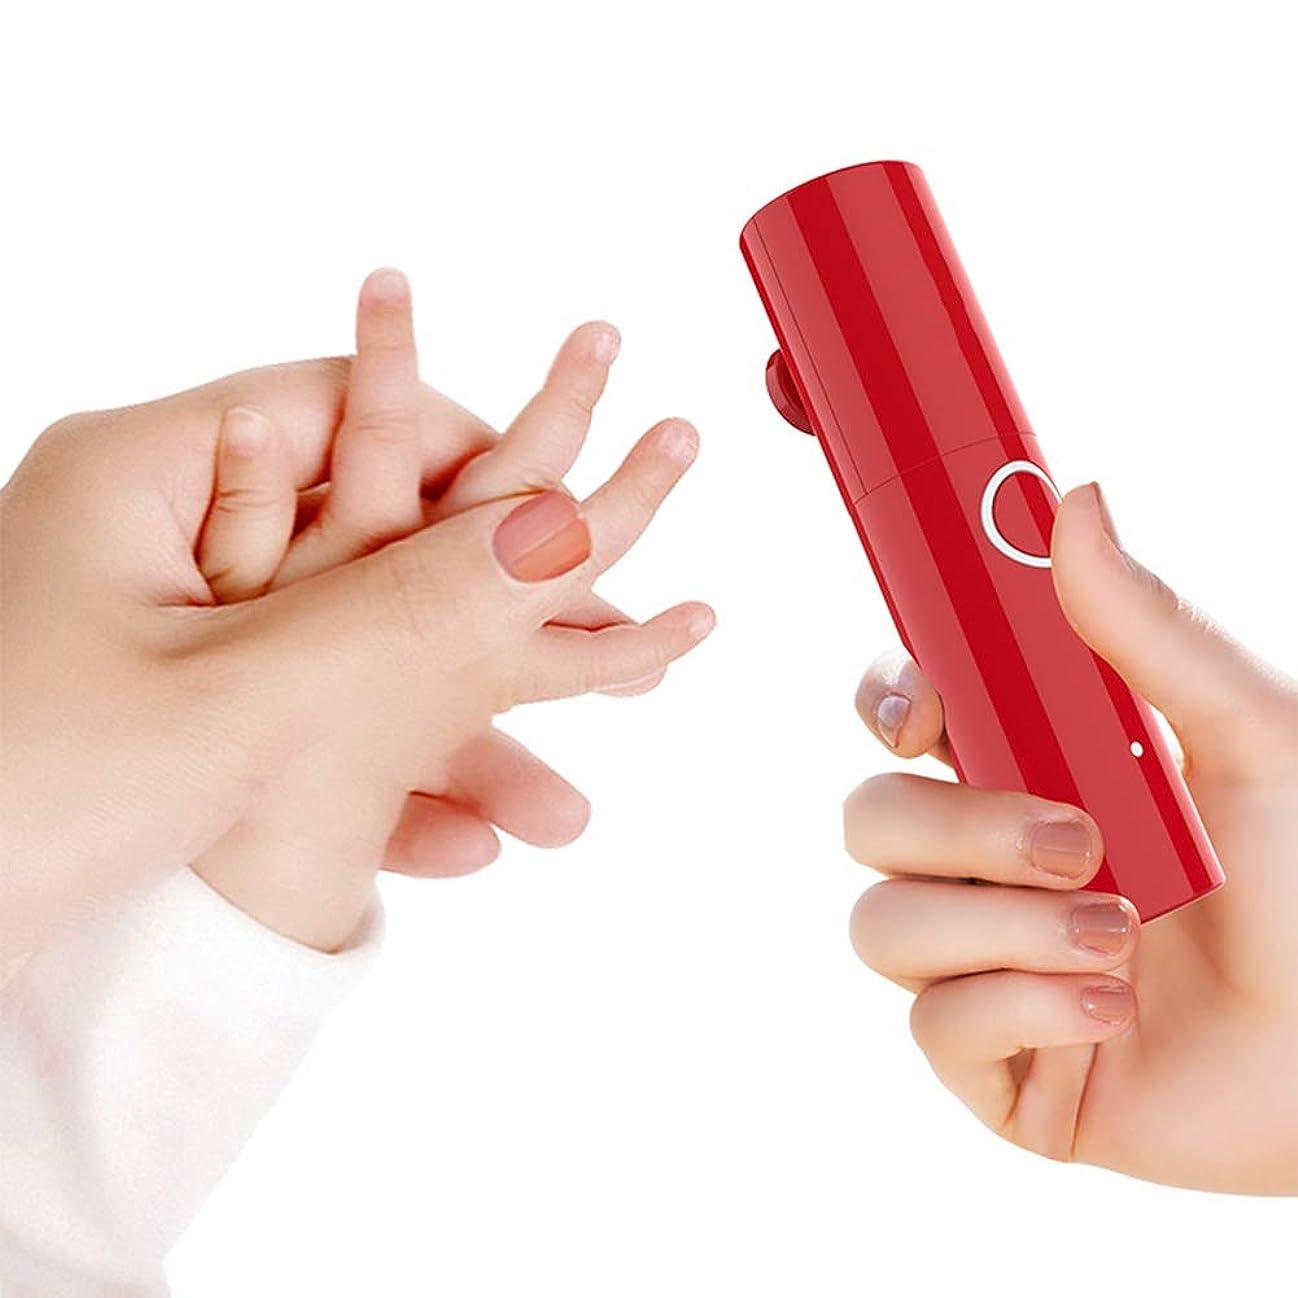 ロデオマスク思いやりベビーネイルバリカン、電動ネイルポリッシャー、新生児および子供用の充電式新生児ネイルトリマー